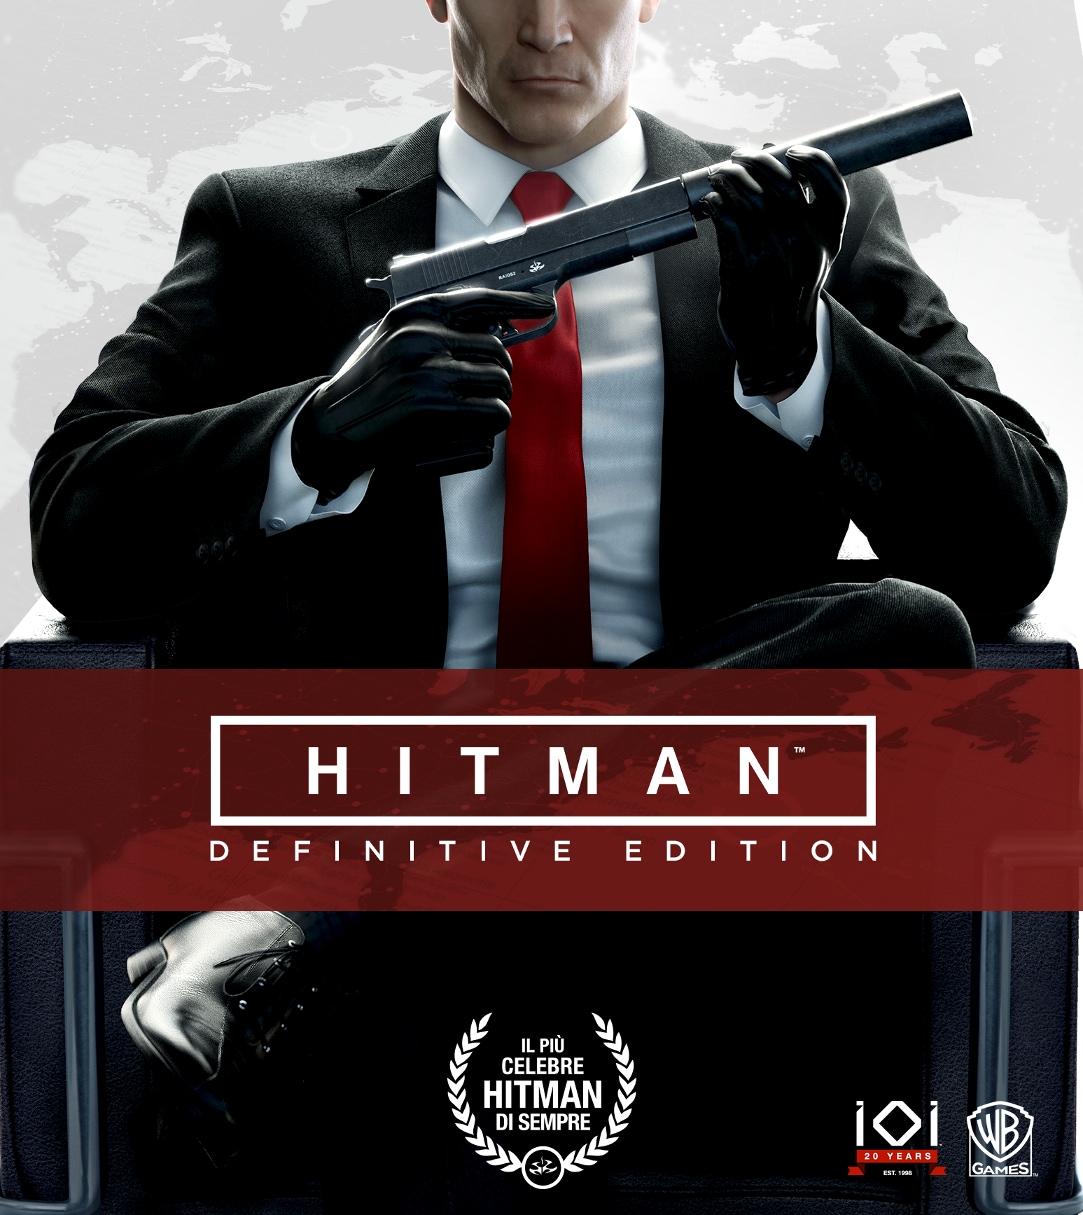 Hitman: Definitive Edition nei negozi a partire dal 15 maggio